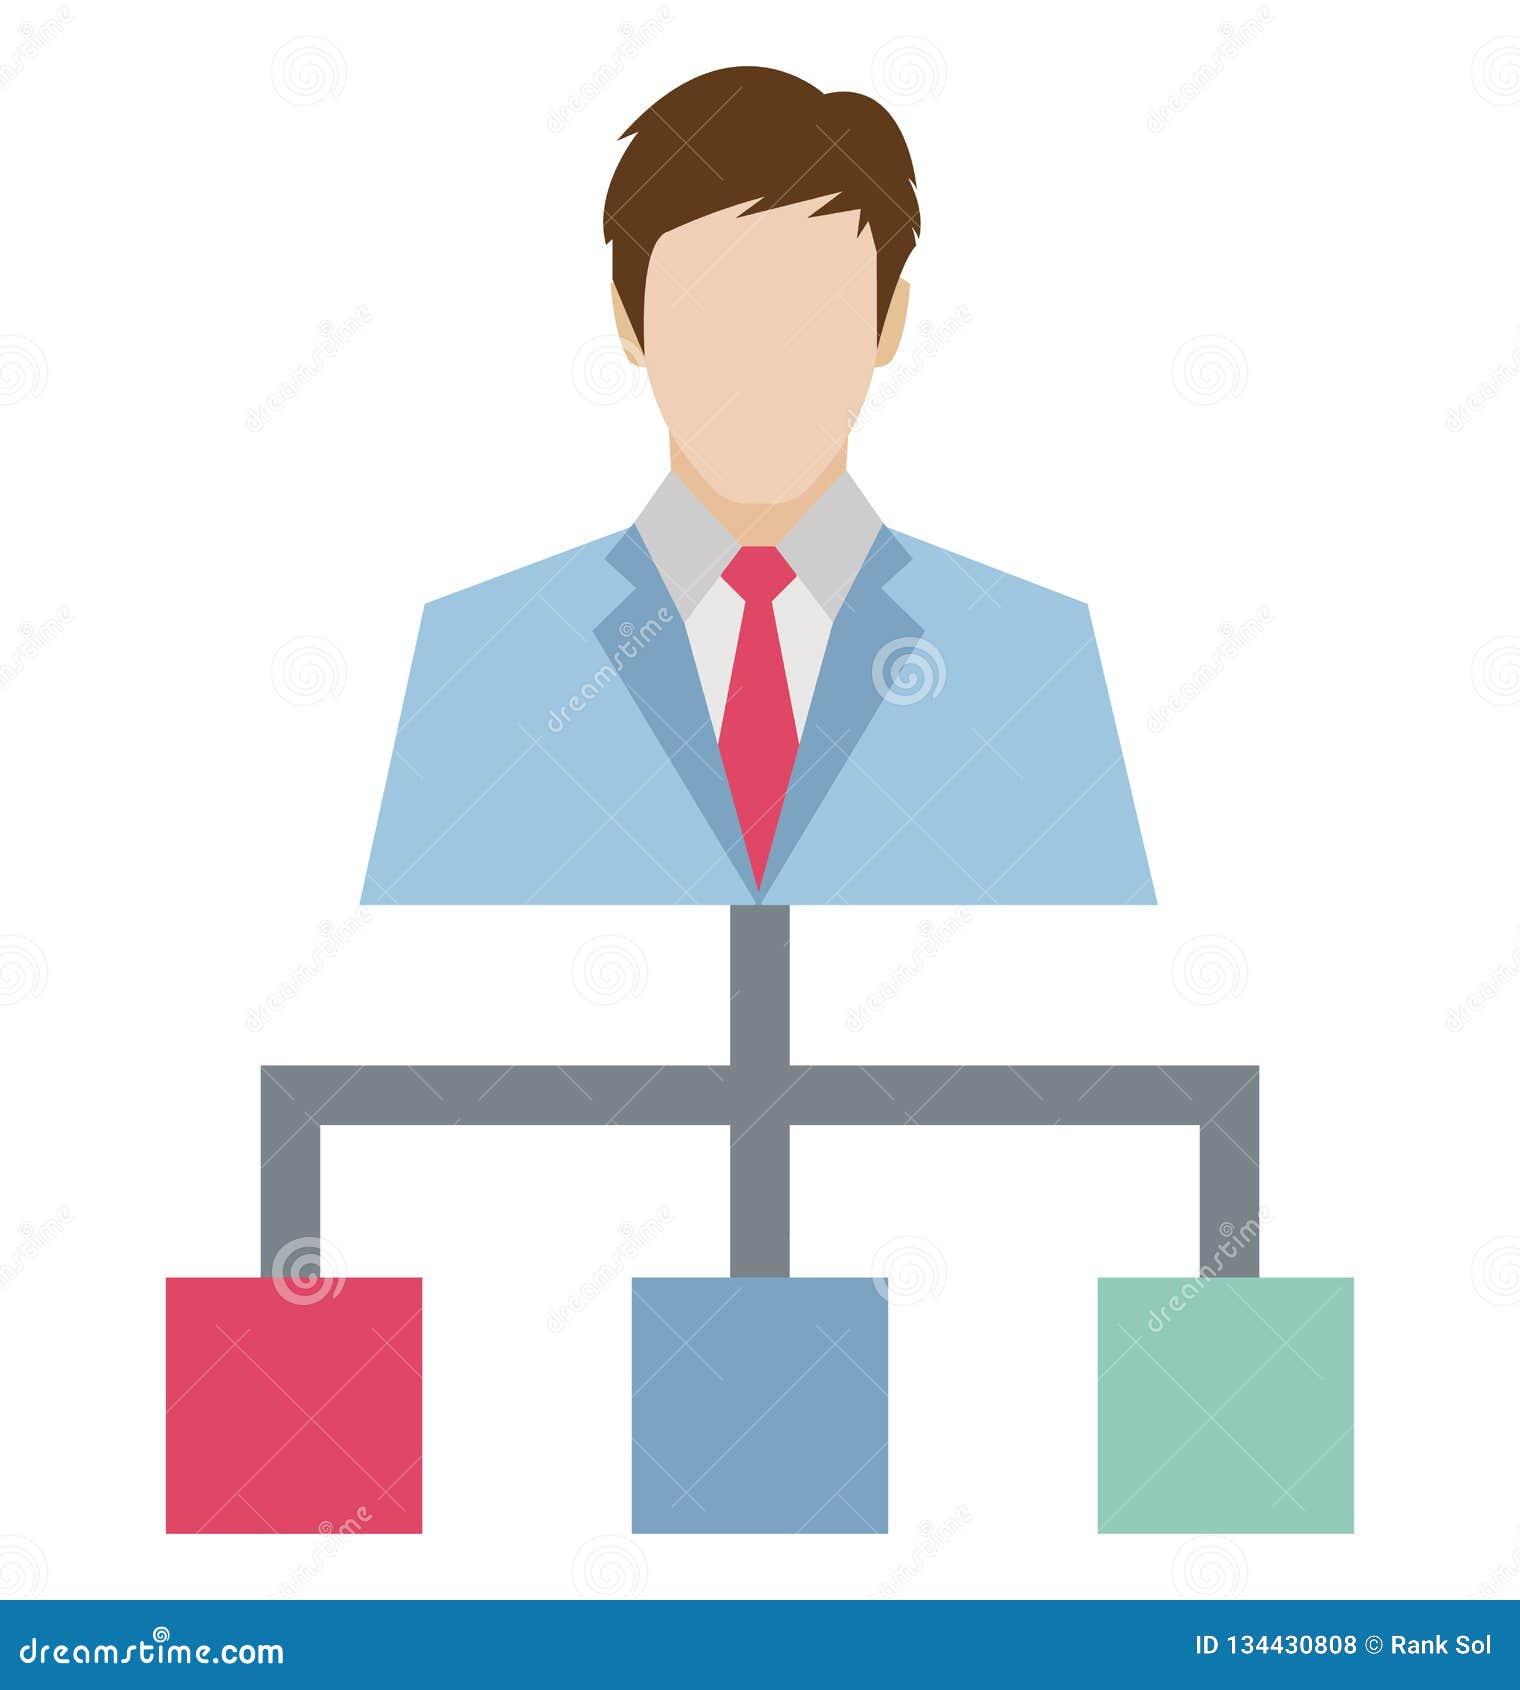 Team Hierarchy Color lokalisierte Vektor-Ikone, die leicht geändert werden oder redigieren kann